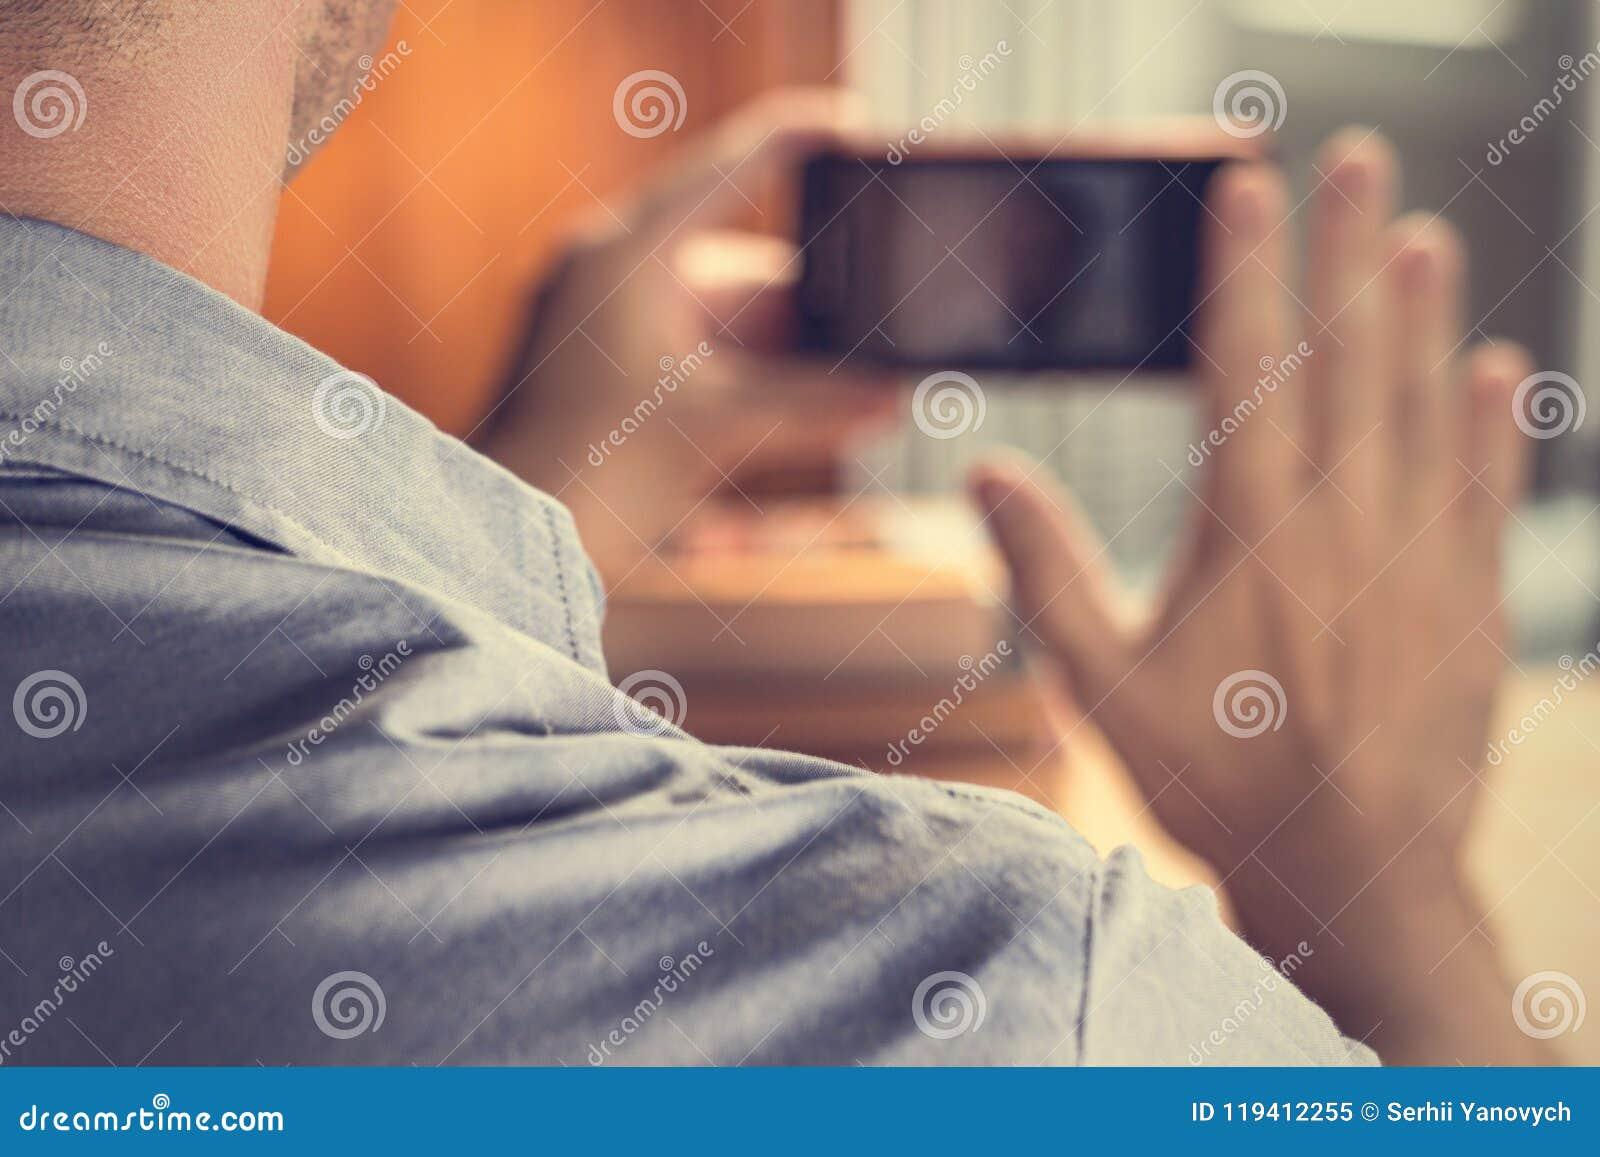 Mann, welche an Videokonferenz über iphone teilnimmt